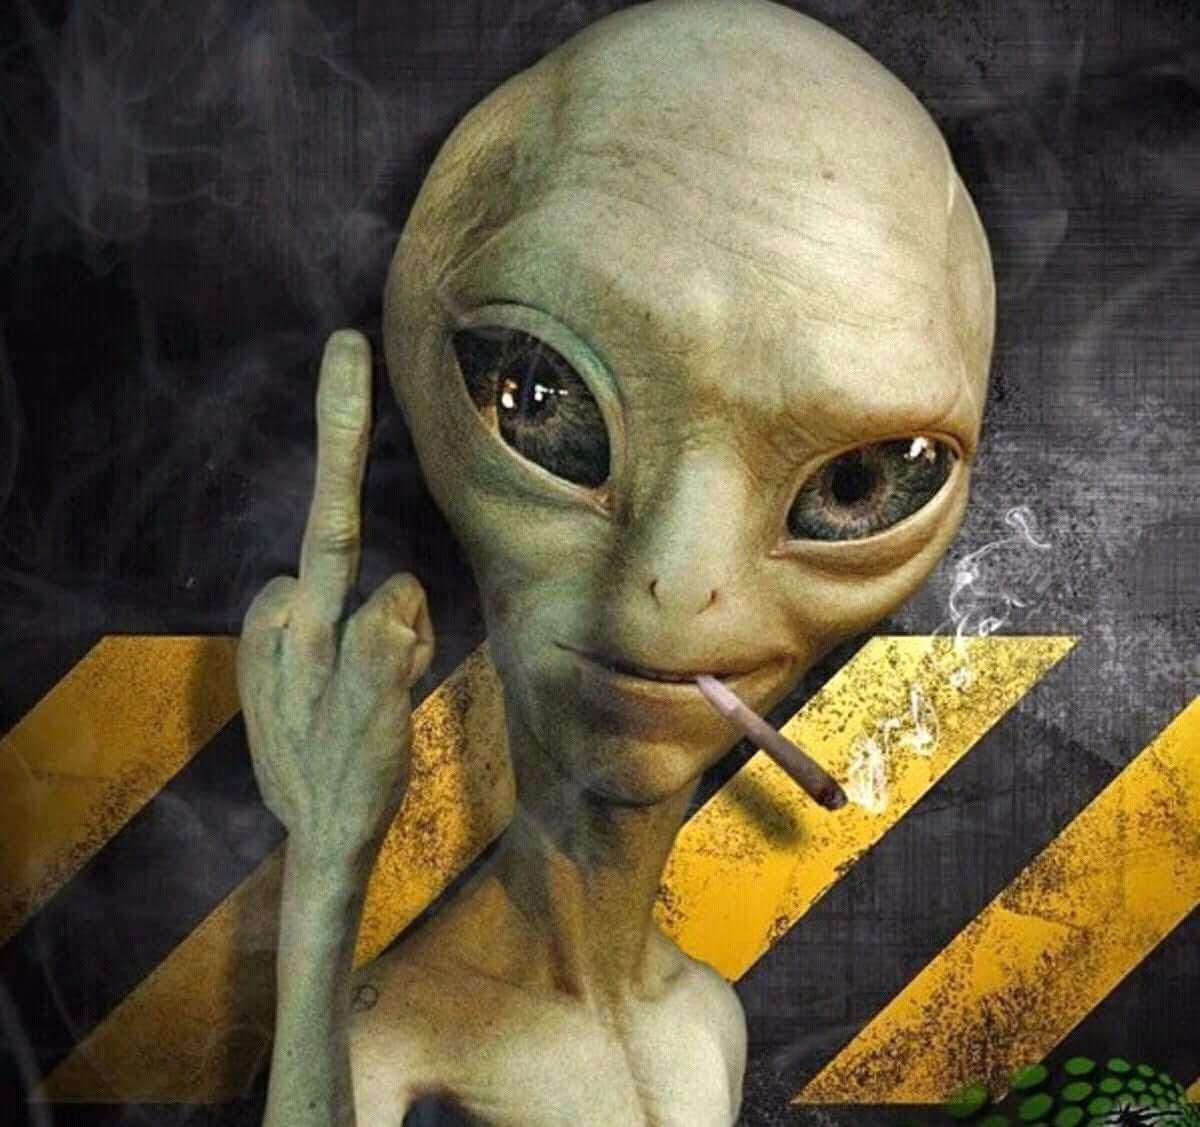 Инопланетянин прикольная картинка, гостевую книгу плейкаст